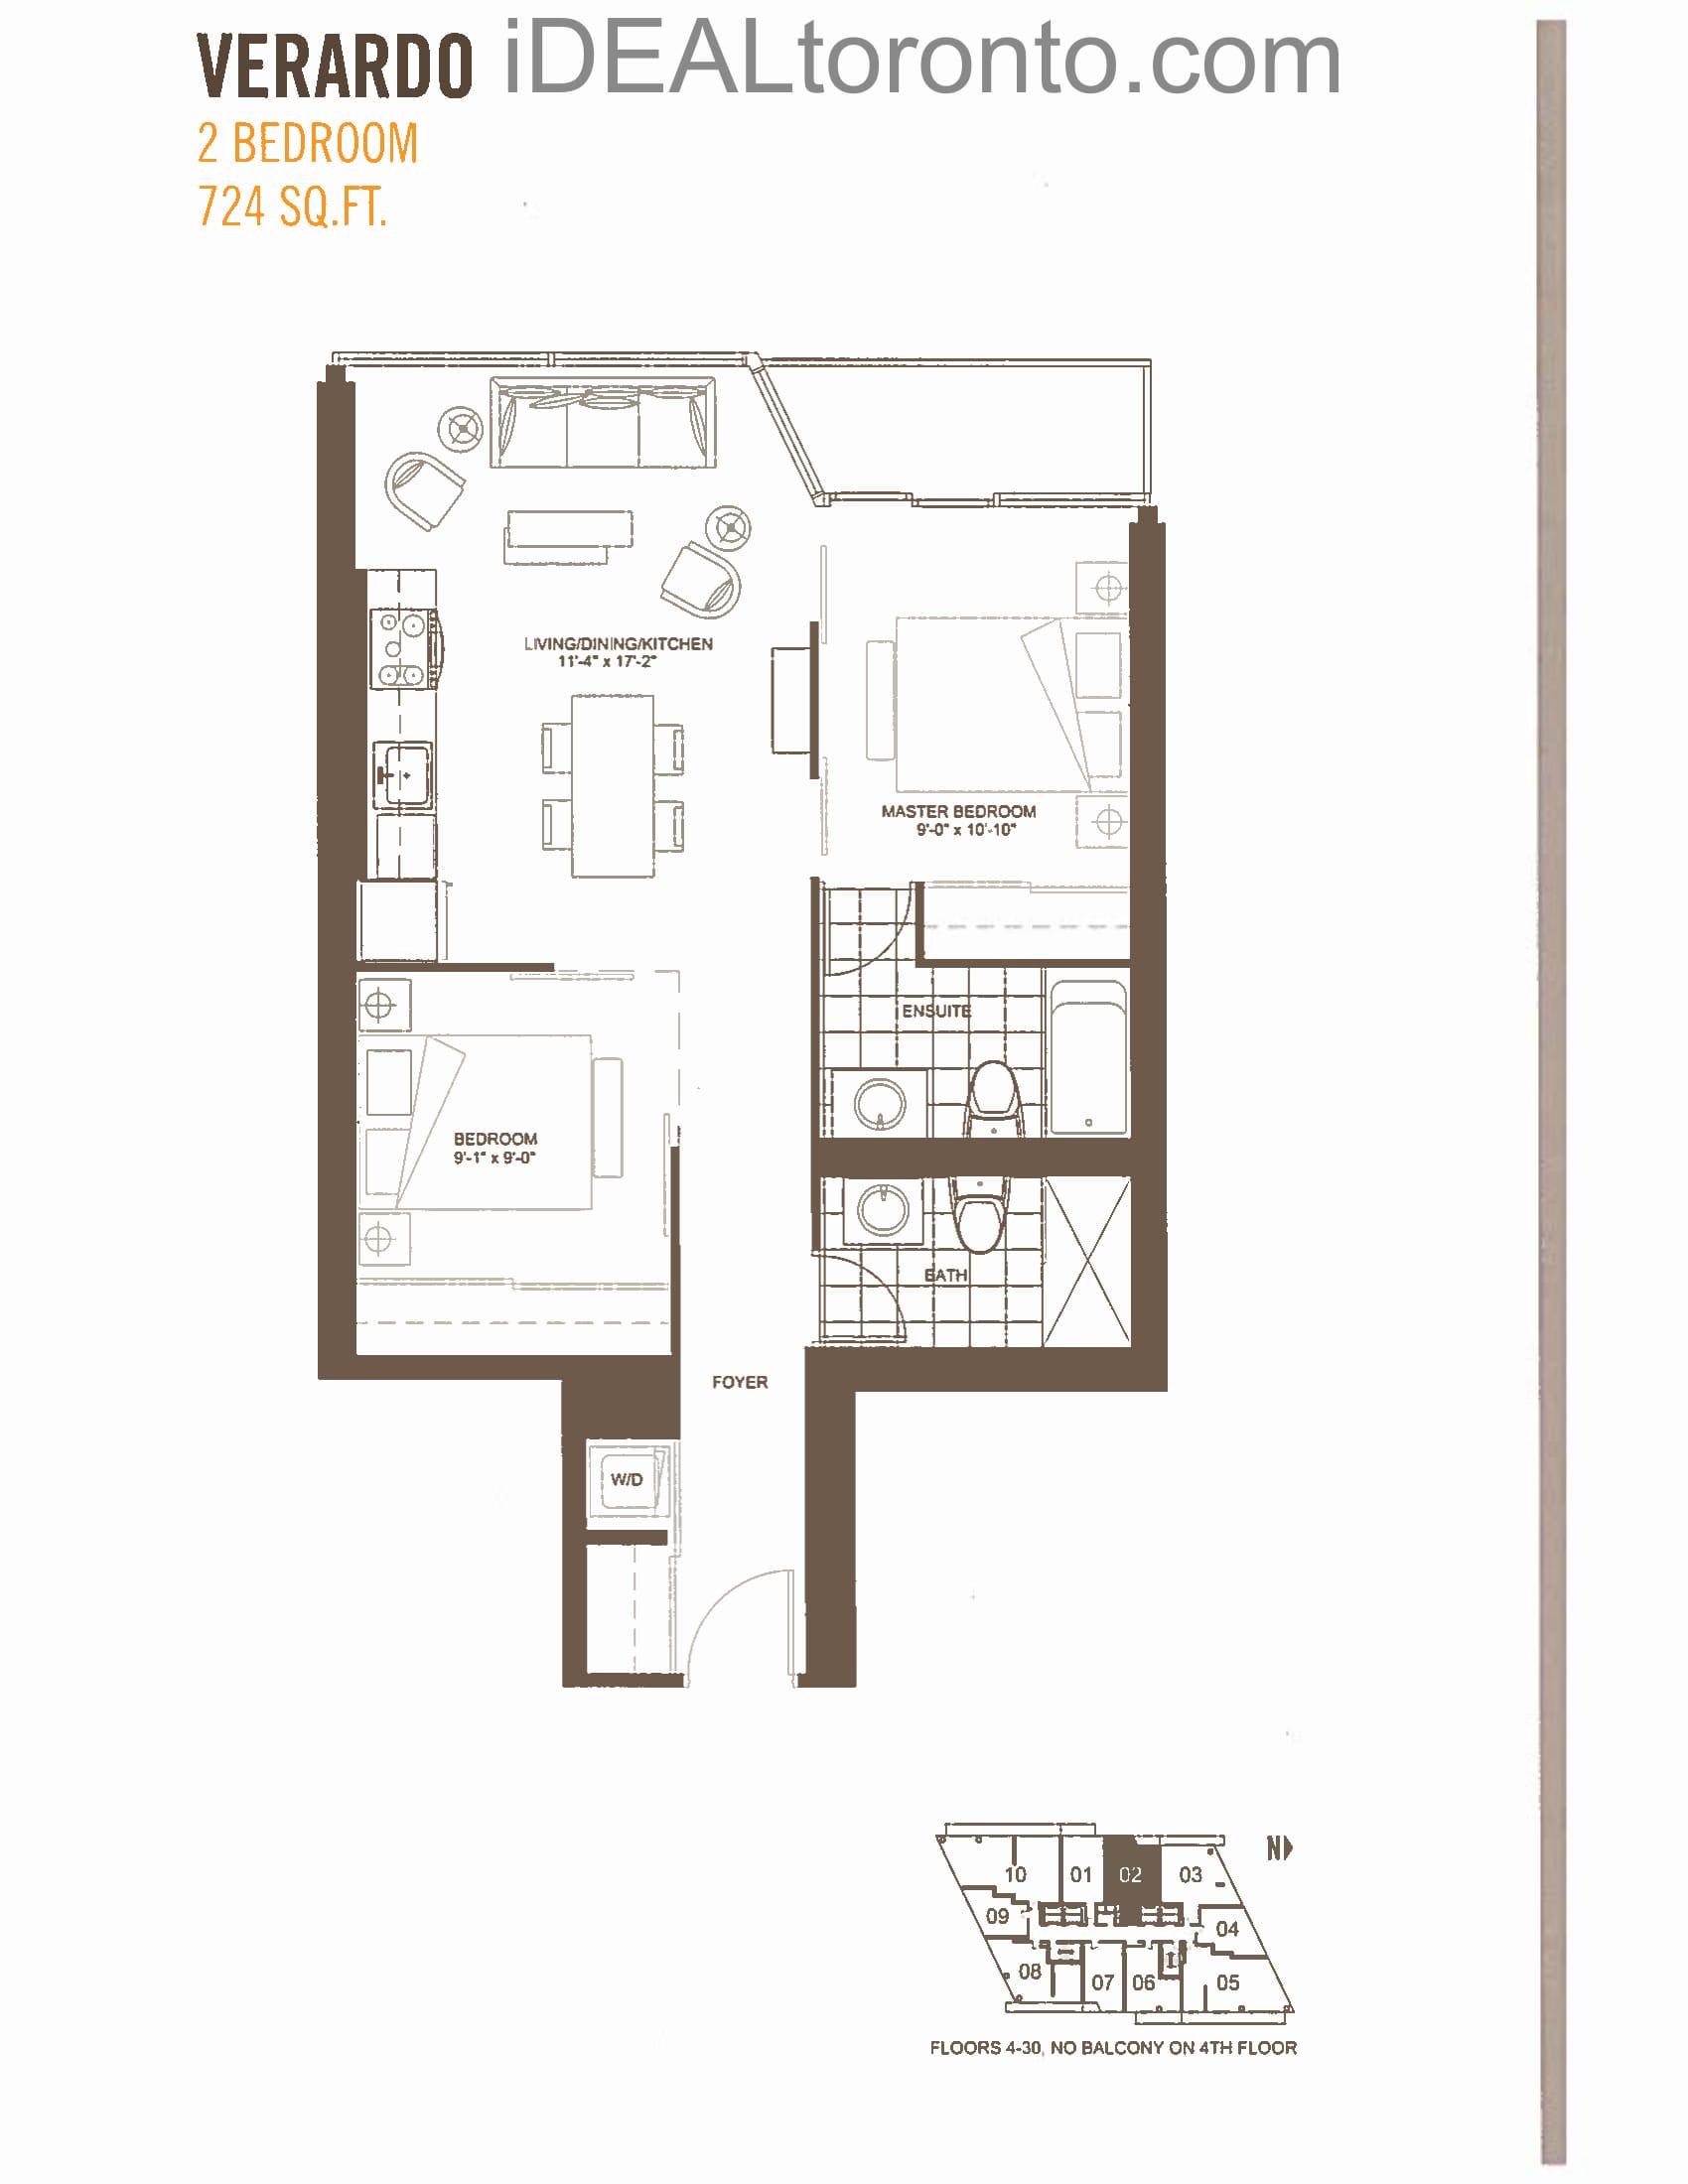 Verardo: 2 Bedroom,W, 724 SqFt